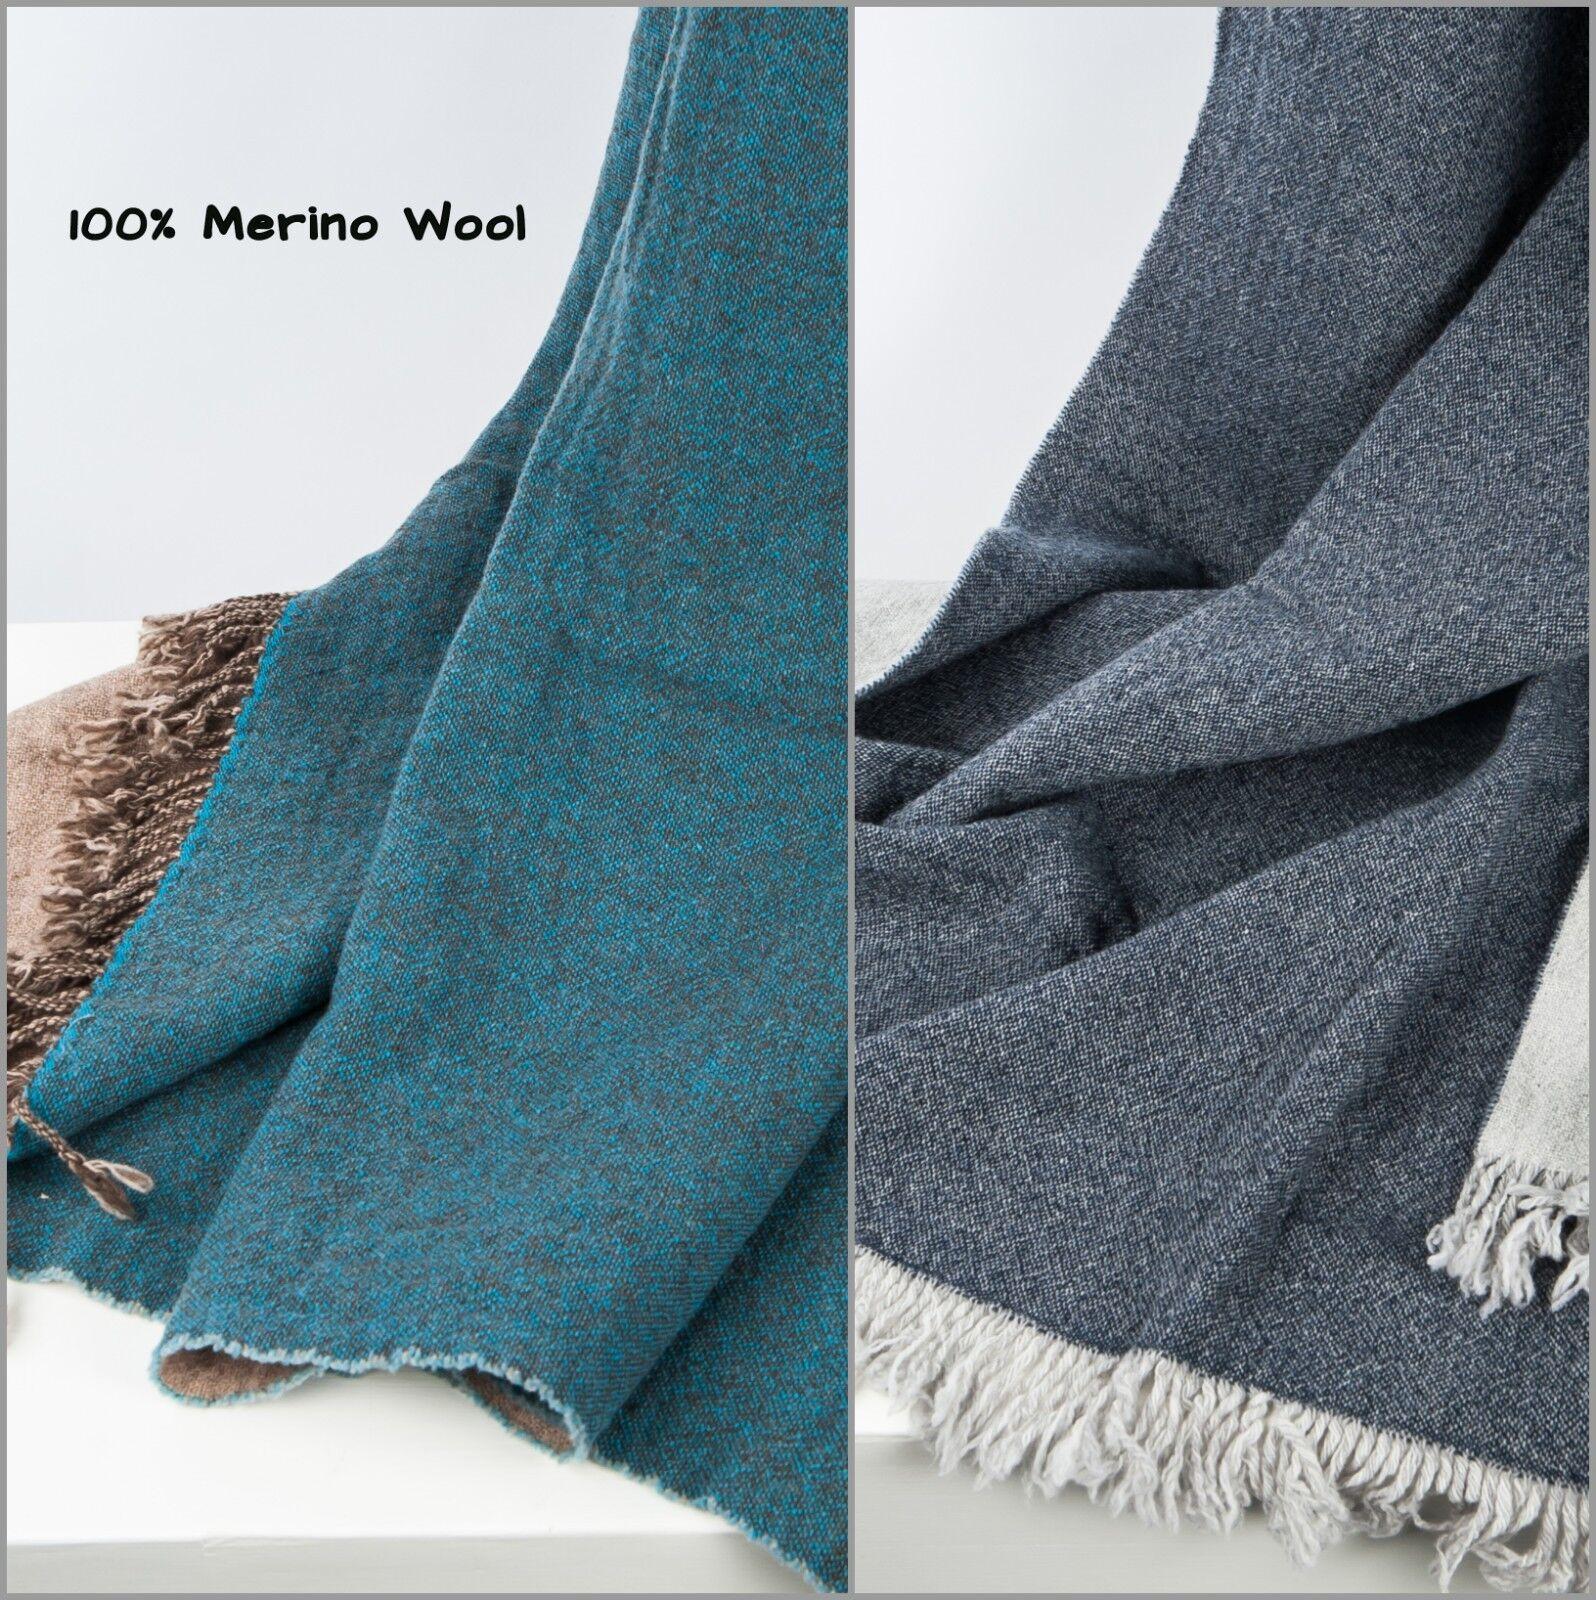 Merino Wool Throw Blanket Natural 100% Superfine Merino Wool Plaid Perfect Gift